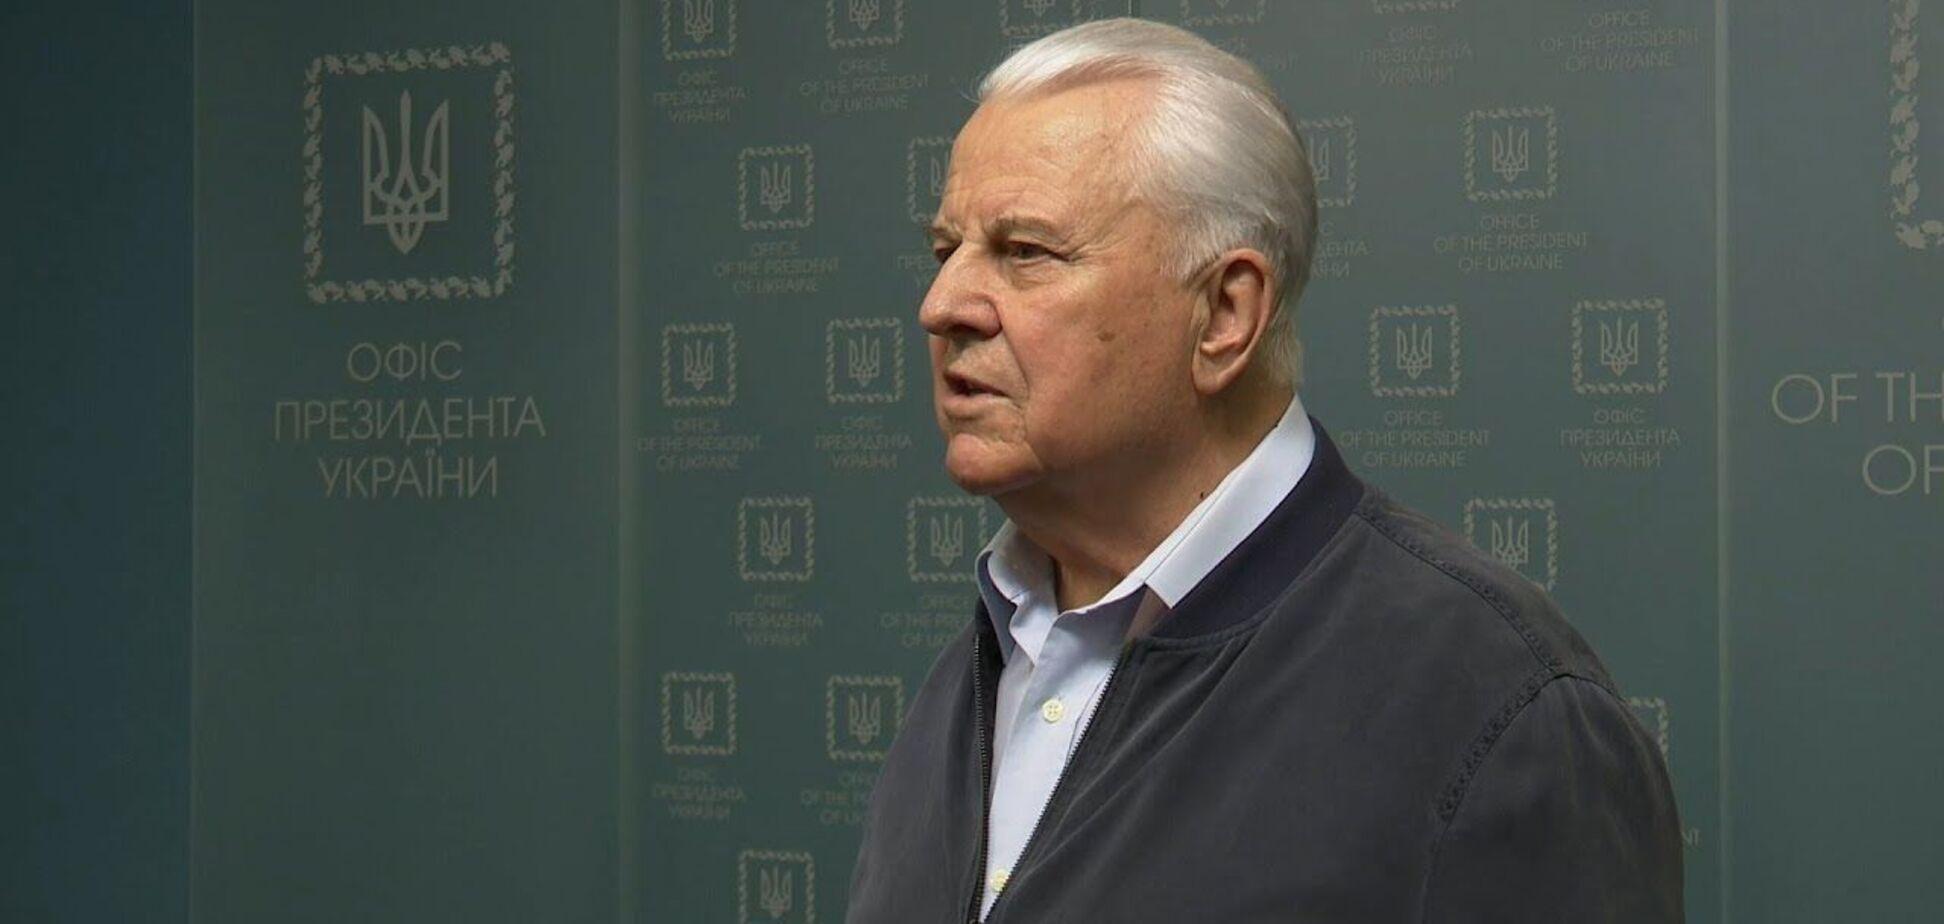 Кравчук провел первую встречу с делегацией ТКГ